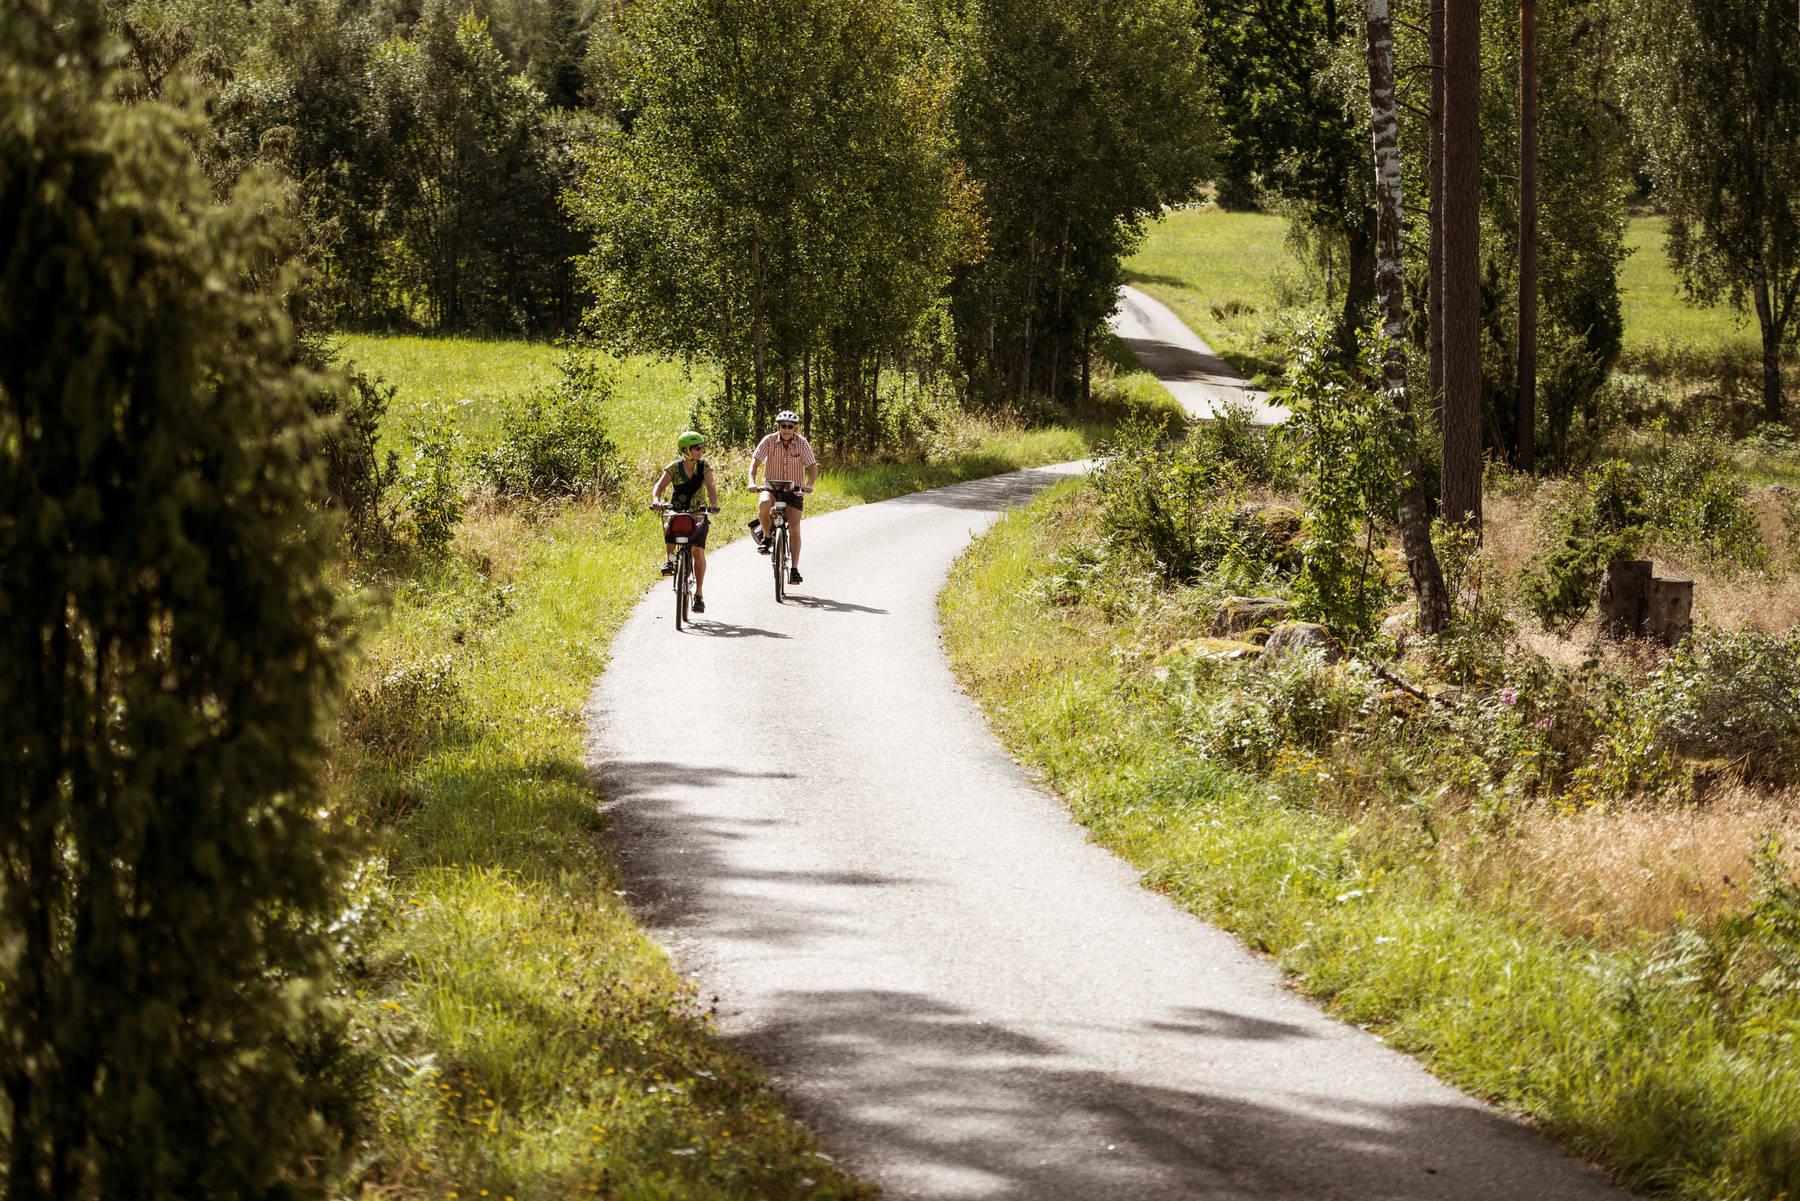 Naturnah und nachhaltig: Mit dem Rad in Småland unterwegs